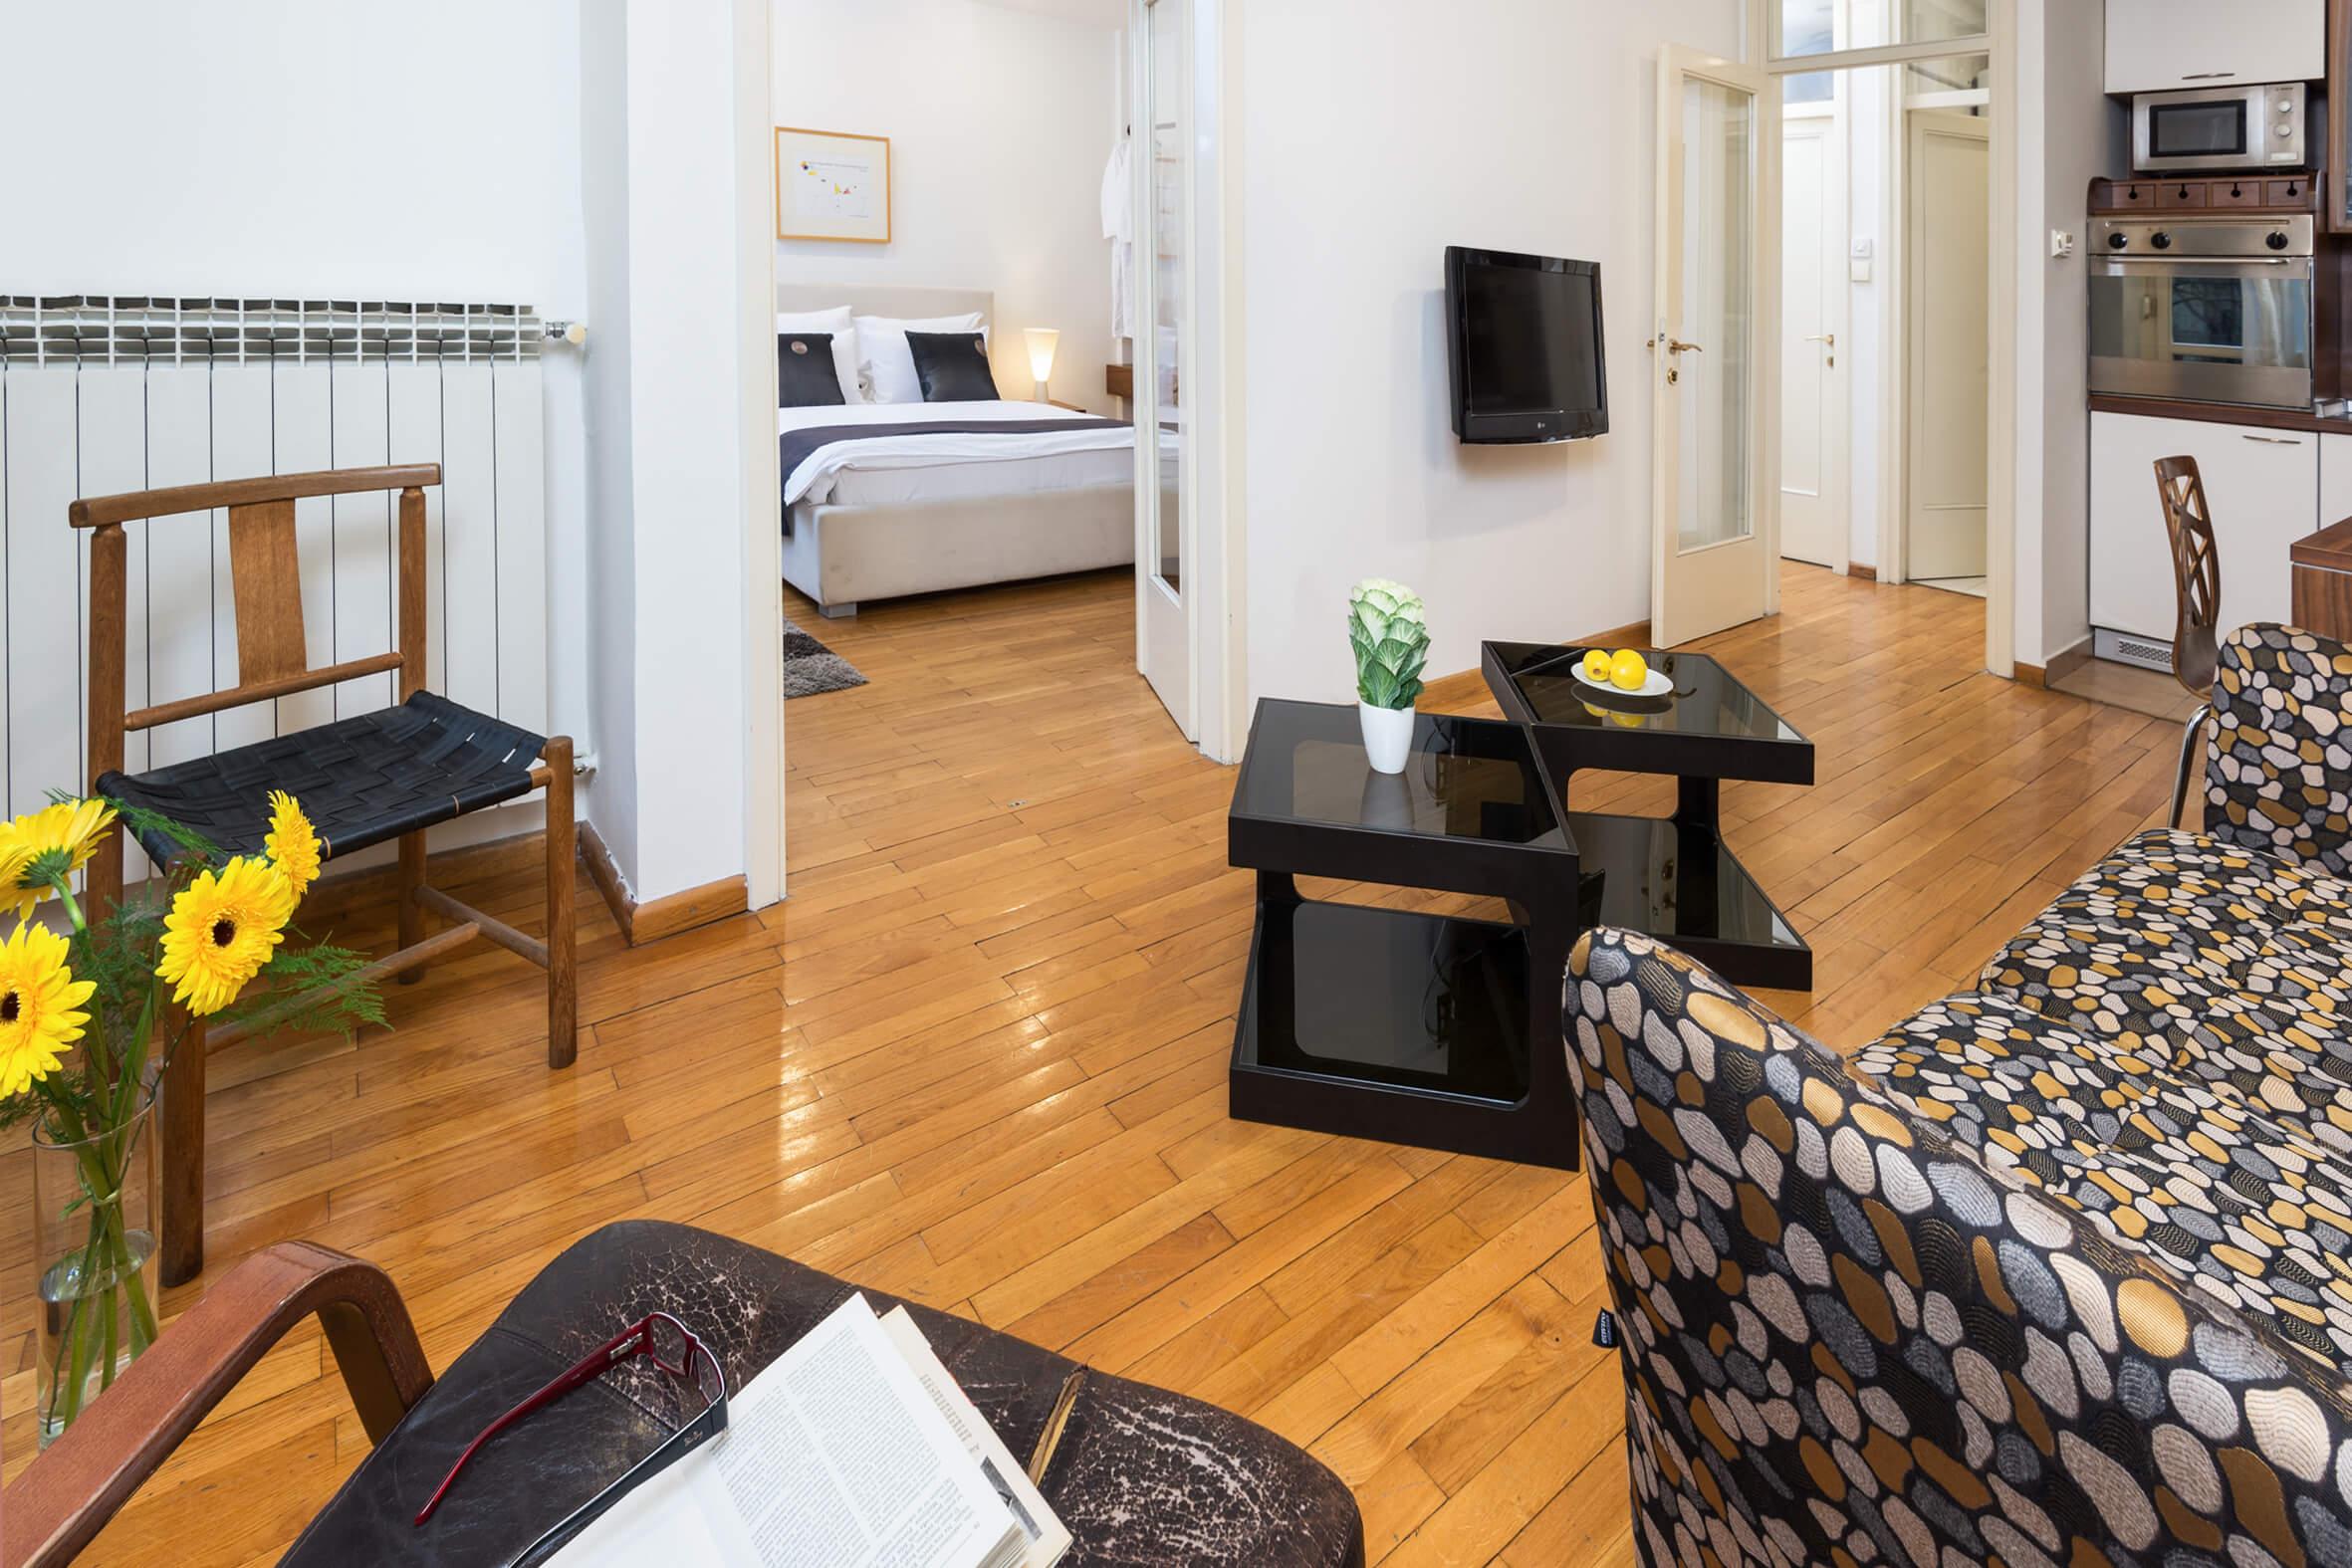 Apartmani Beograd | Stan na dan Beograd centar | Apartman A25 - Dnevni boravak, trpezarija, kuhinja i pogled na spavaću sobu